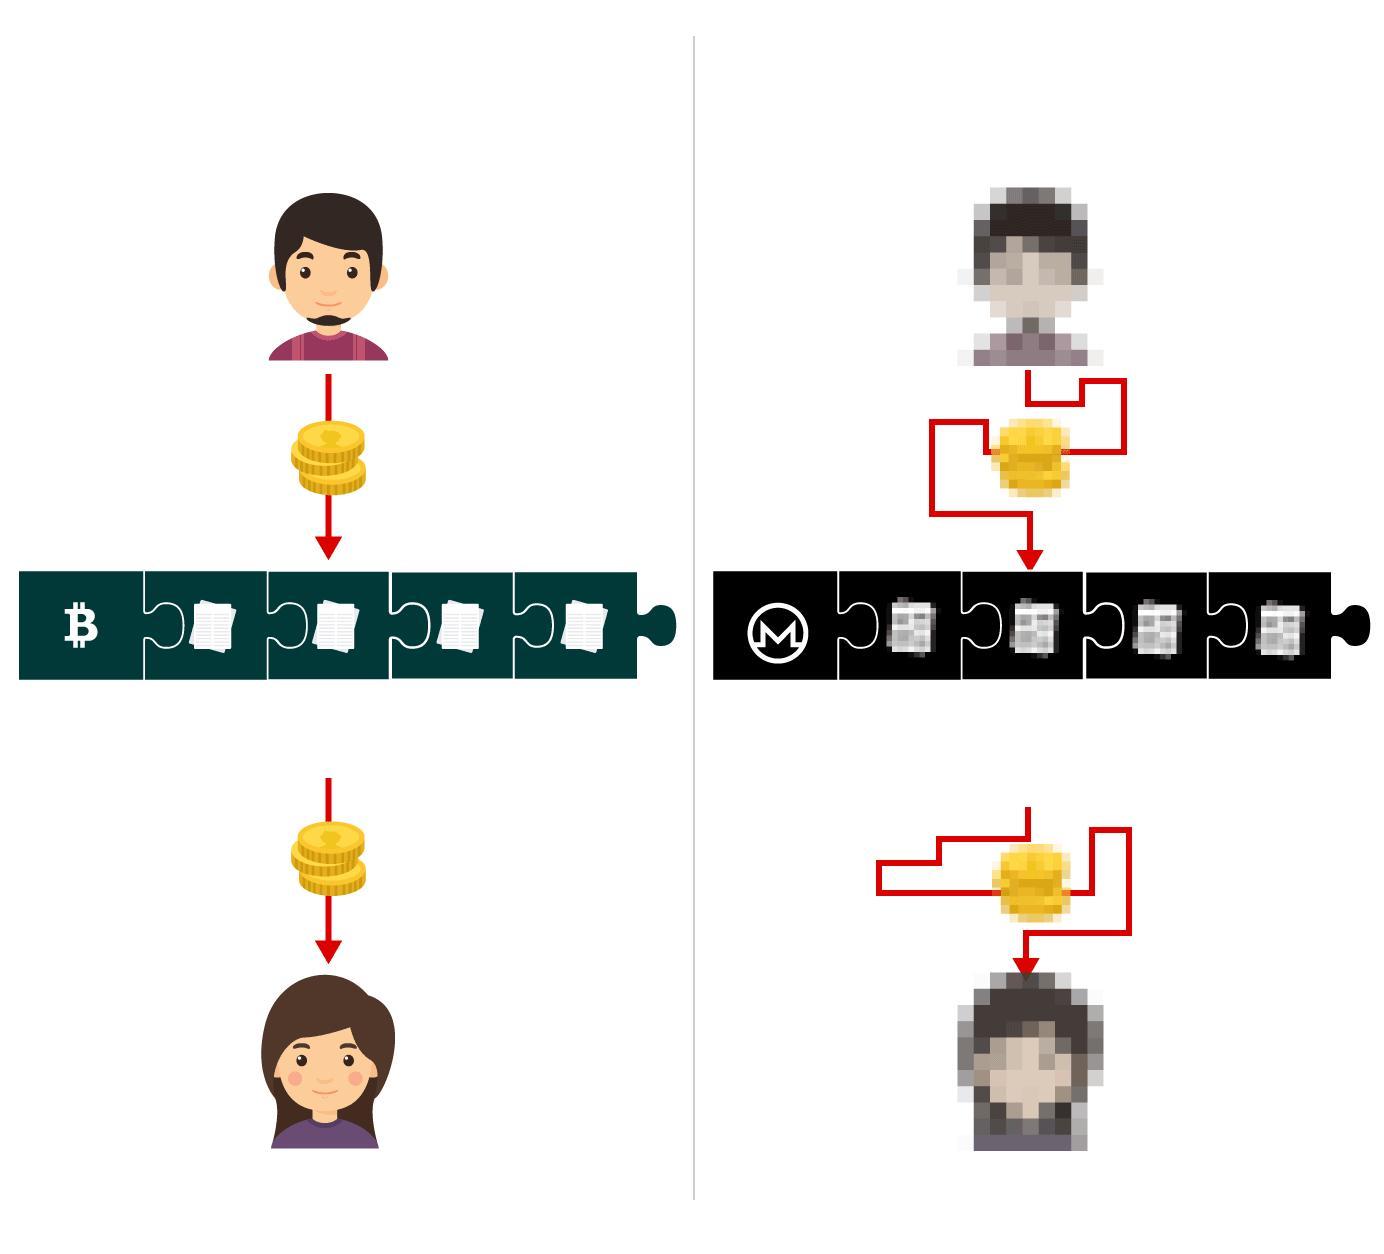 Der Bitcoin er forholdsvis åpent om du kjenner adressene til deltakerne skjules både adresser og selve transaksjonene i Monero-systemet. Krypto i ordet «kryptovaluta» handler om måten hver enkelt coin utvinnes på, ikke om anonymiteten til brukerne. Grafikk: Tom Byermoen, VG